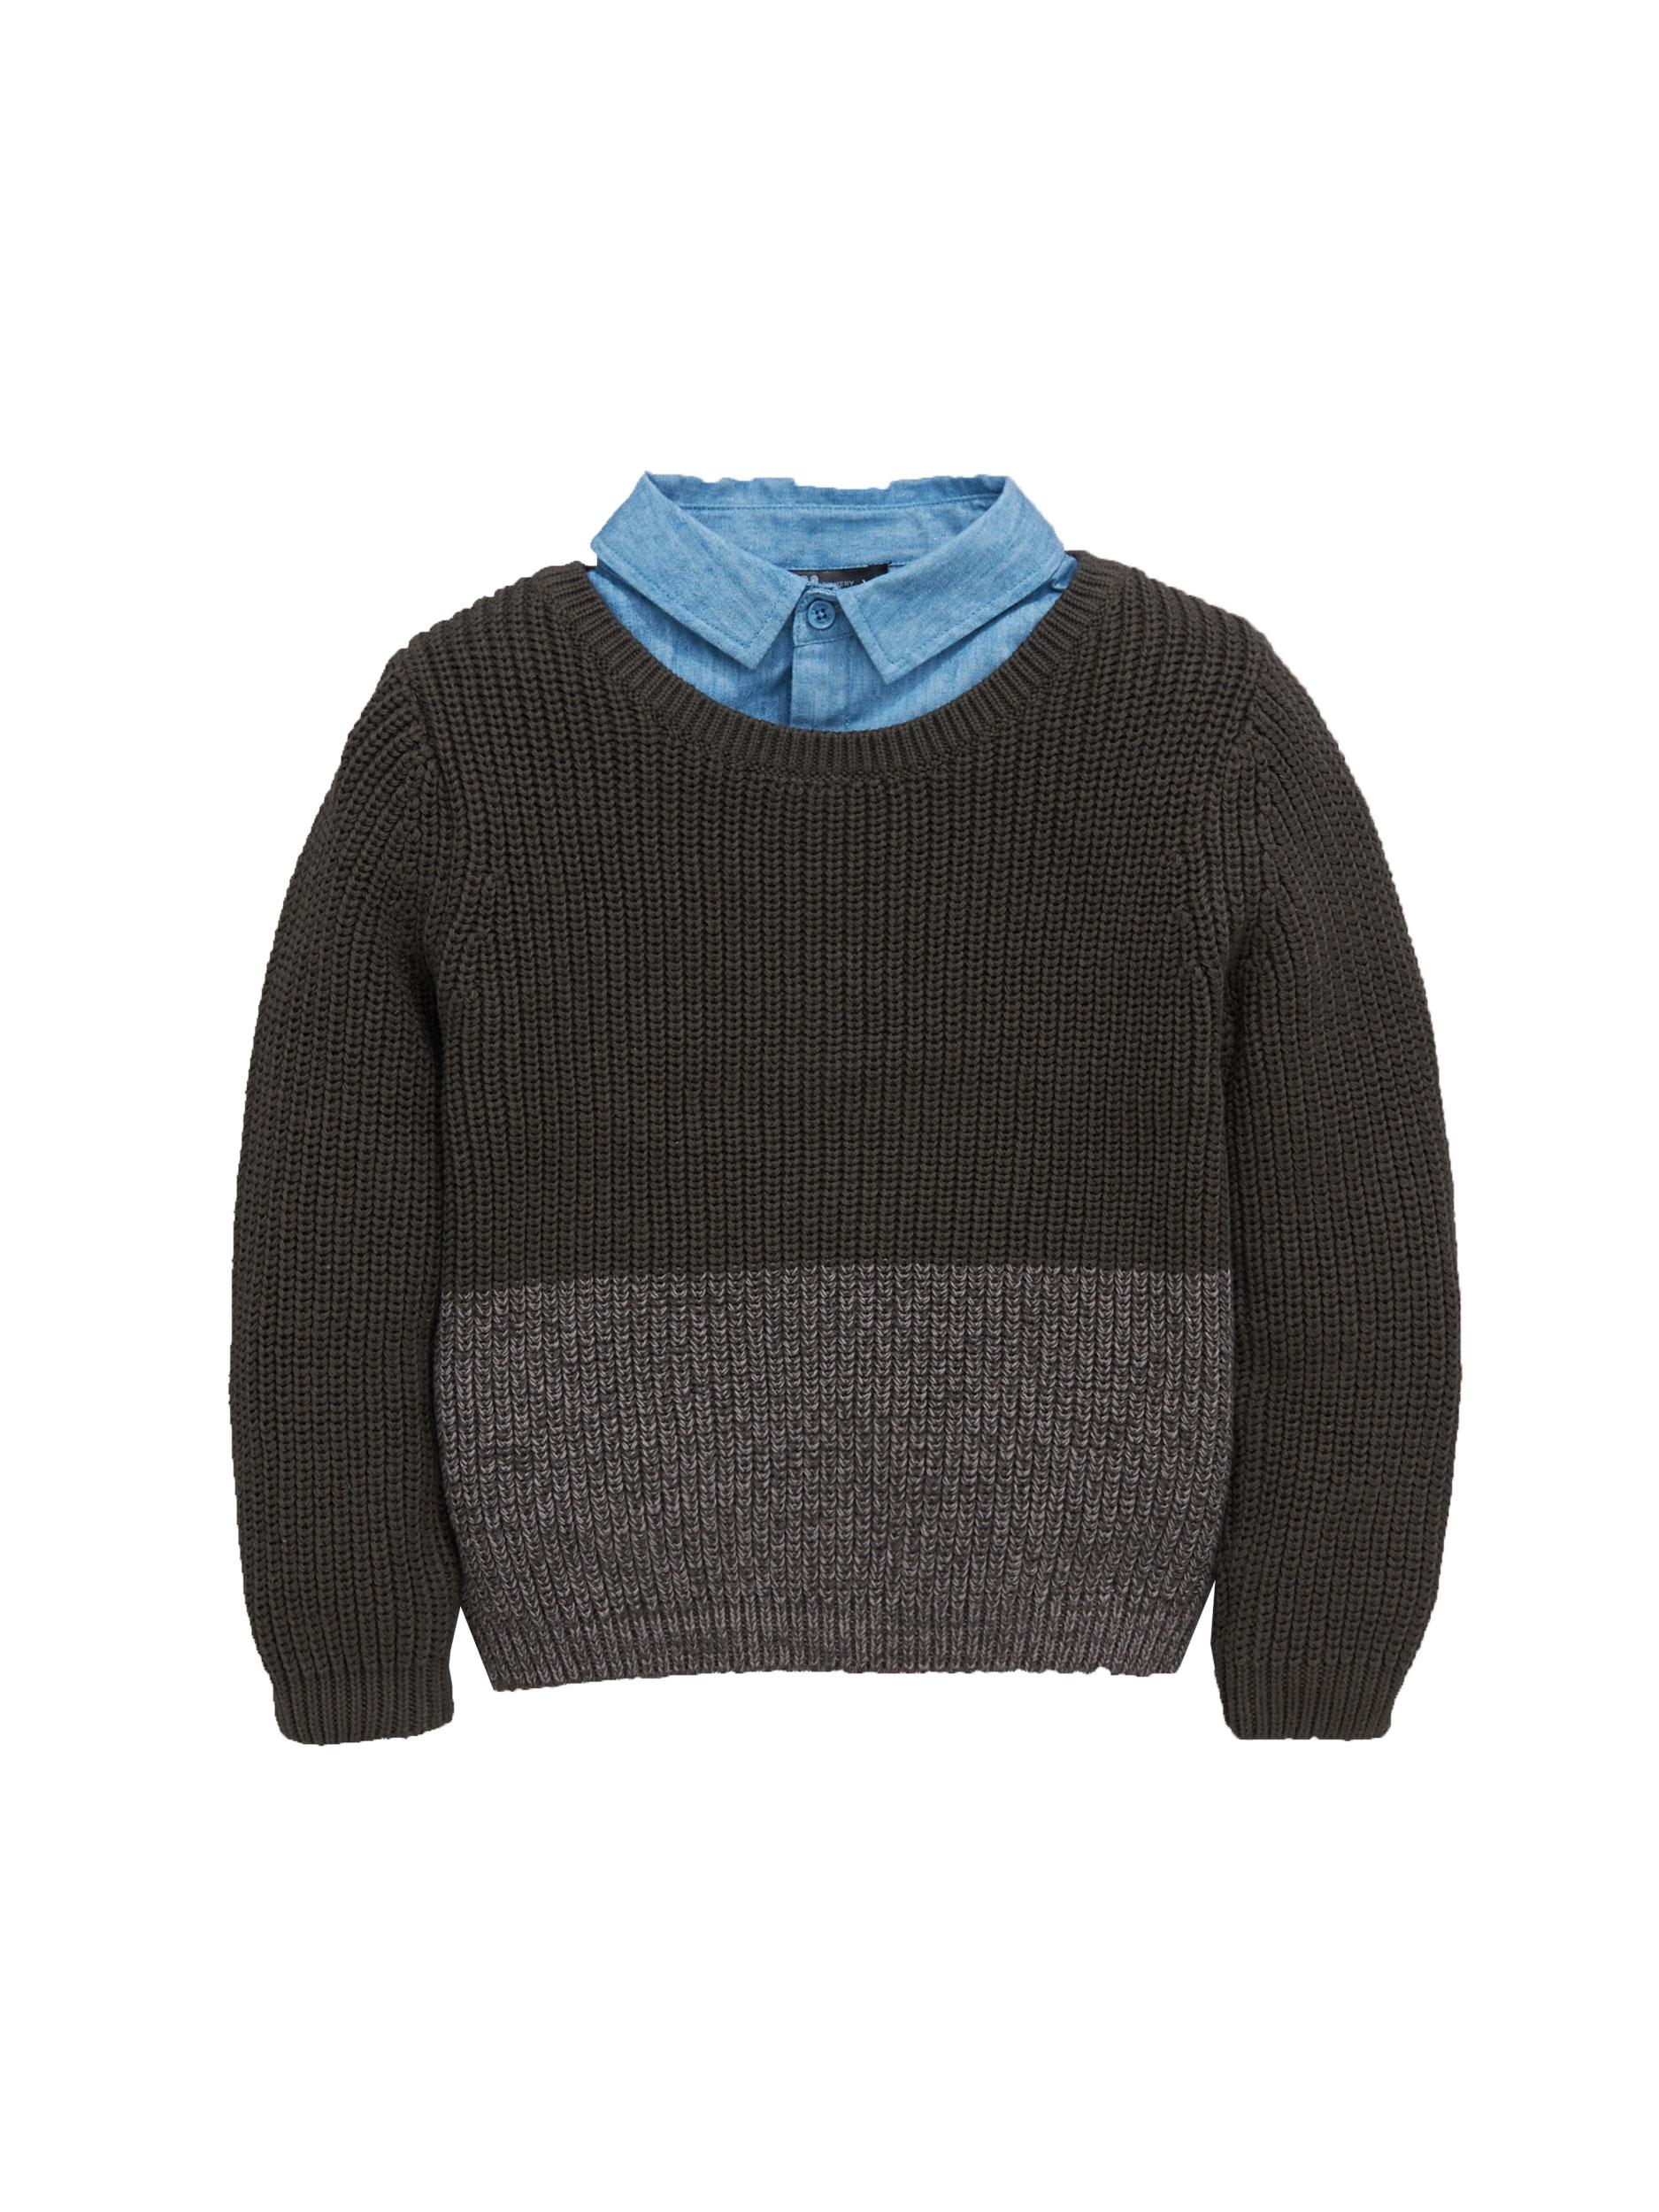 Mini V By Very Boys Mock Layer Shirt Jumper.